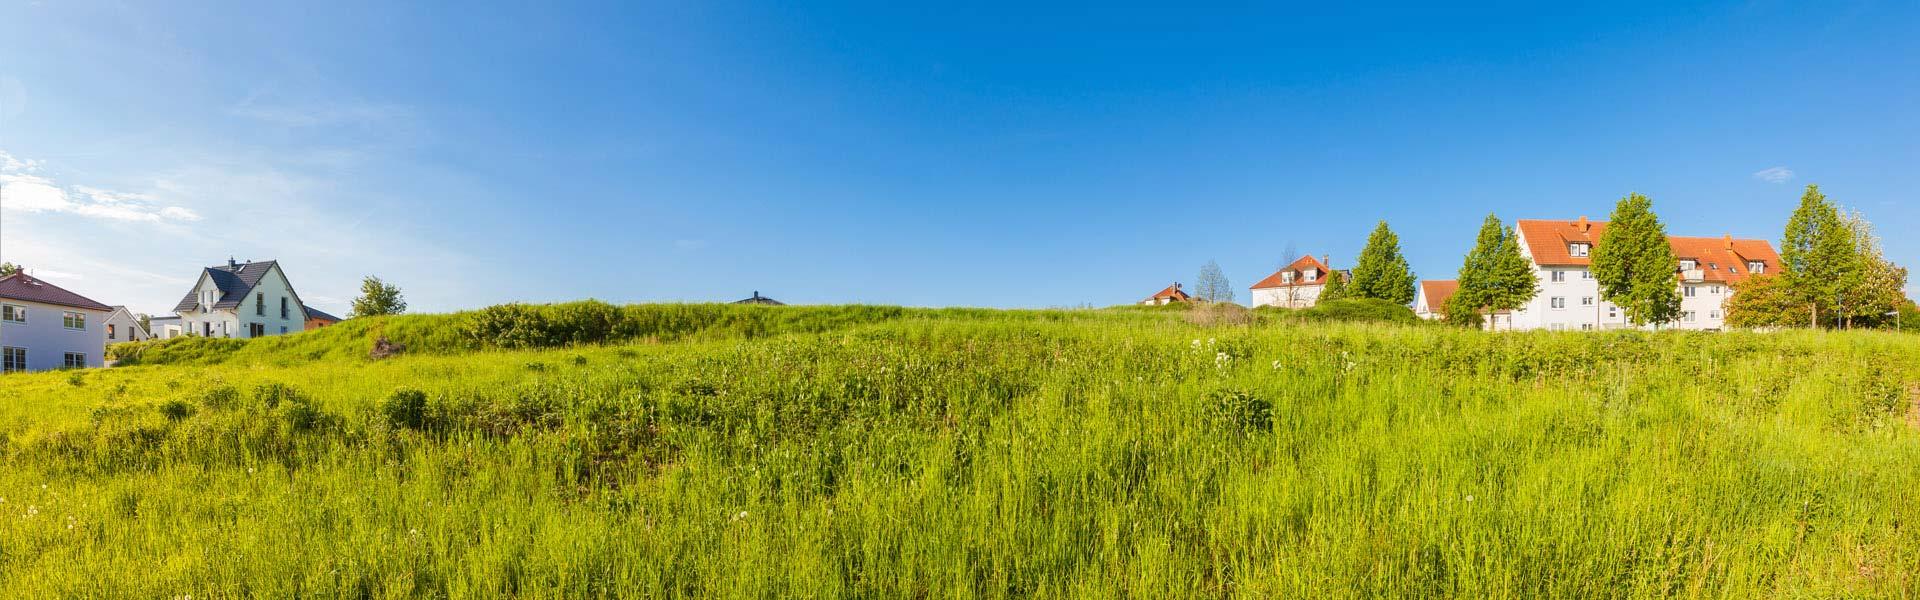 Feld mit Häusern im Hintergrund